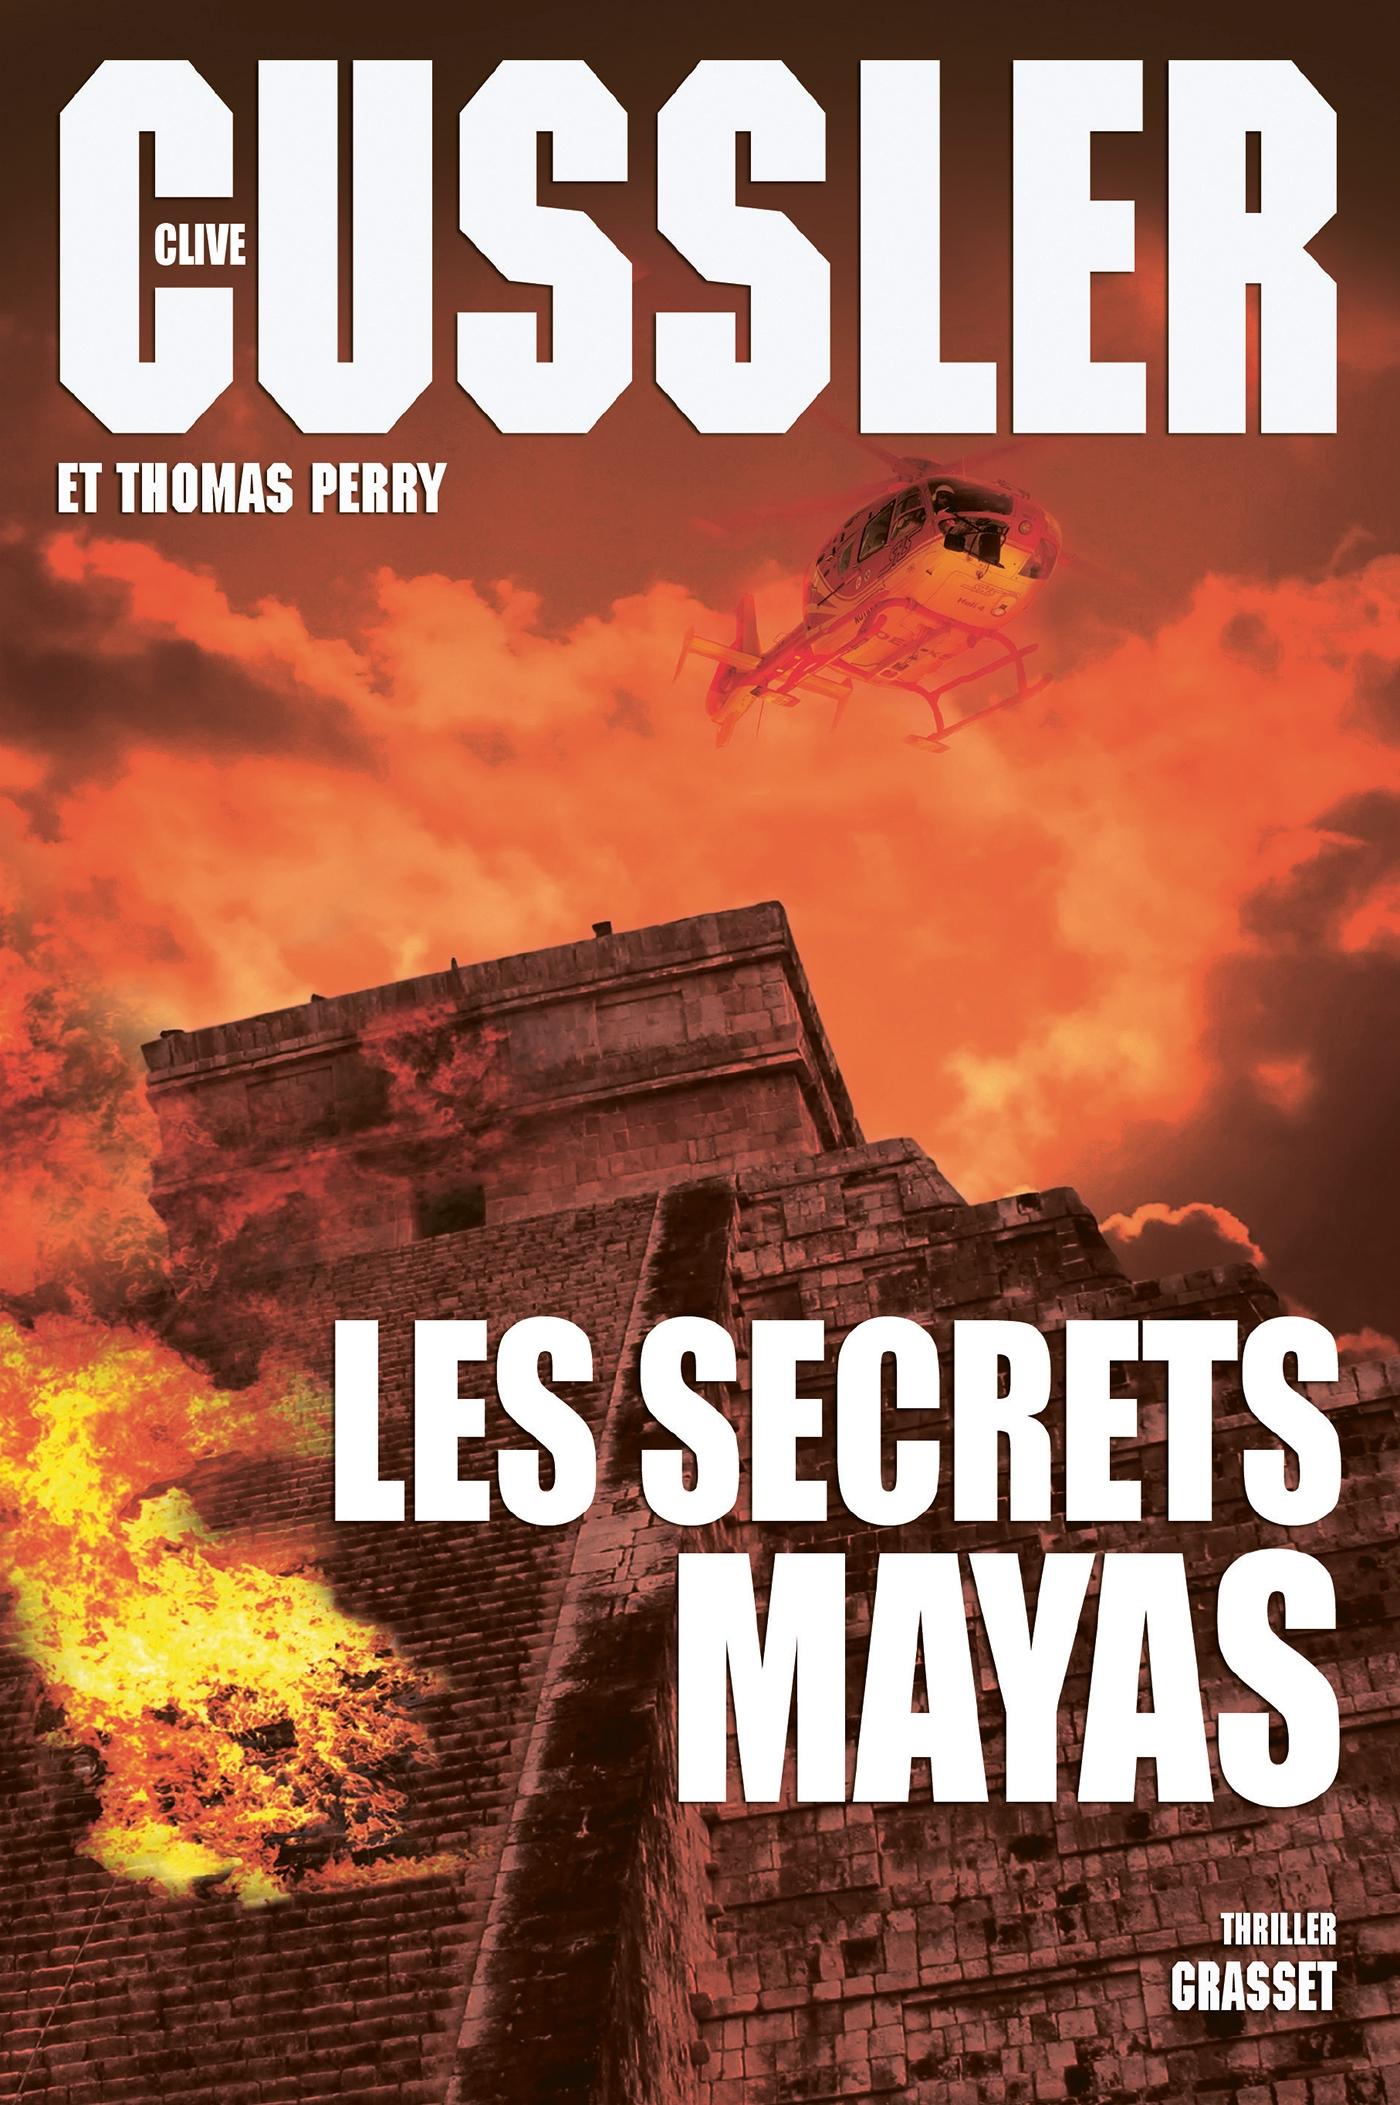 Les secrets mayas